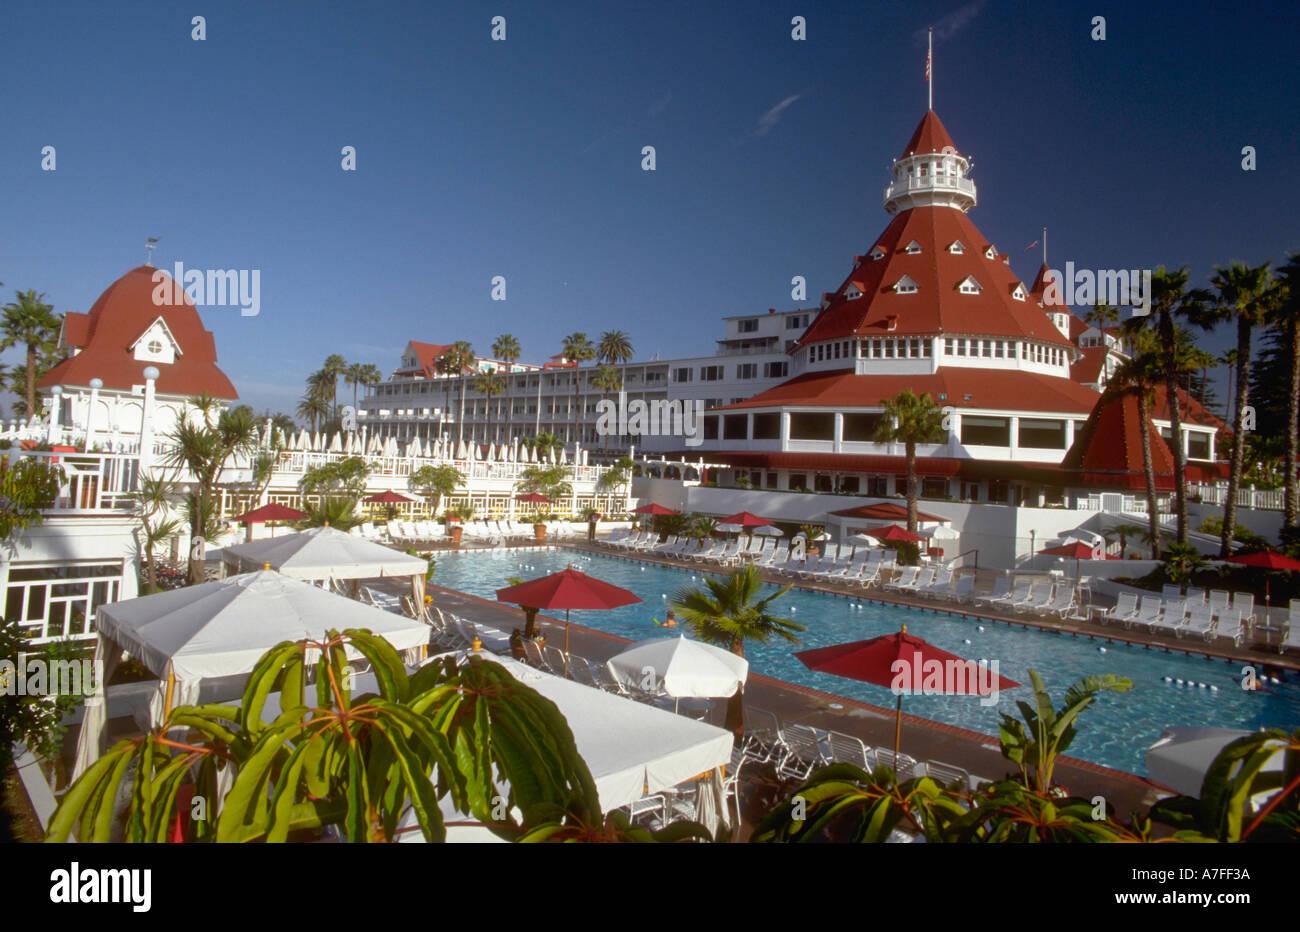 Pool And Patio Area Of Hotel Del Coronado San Diego California